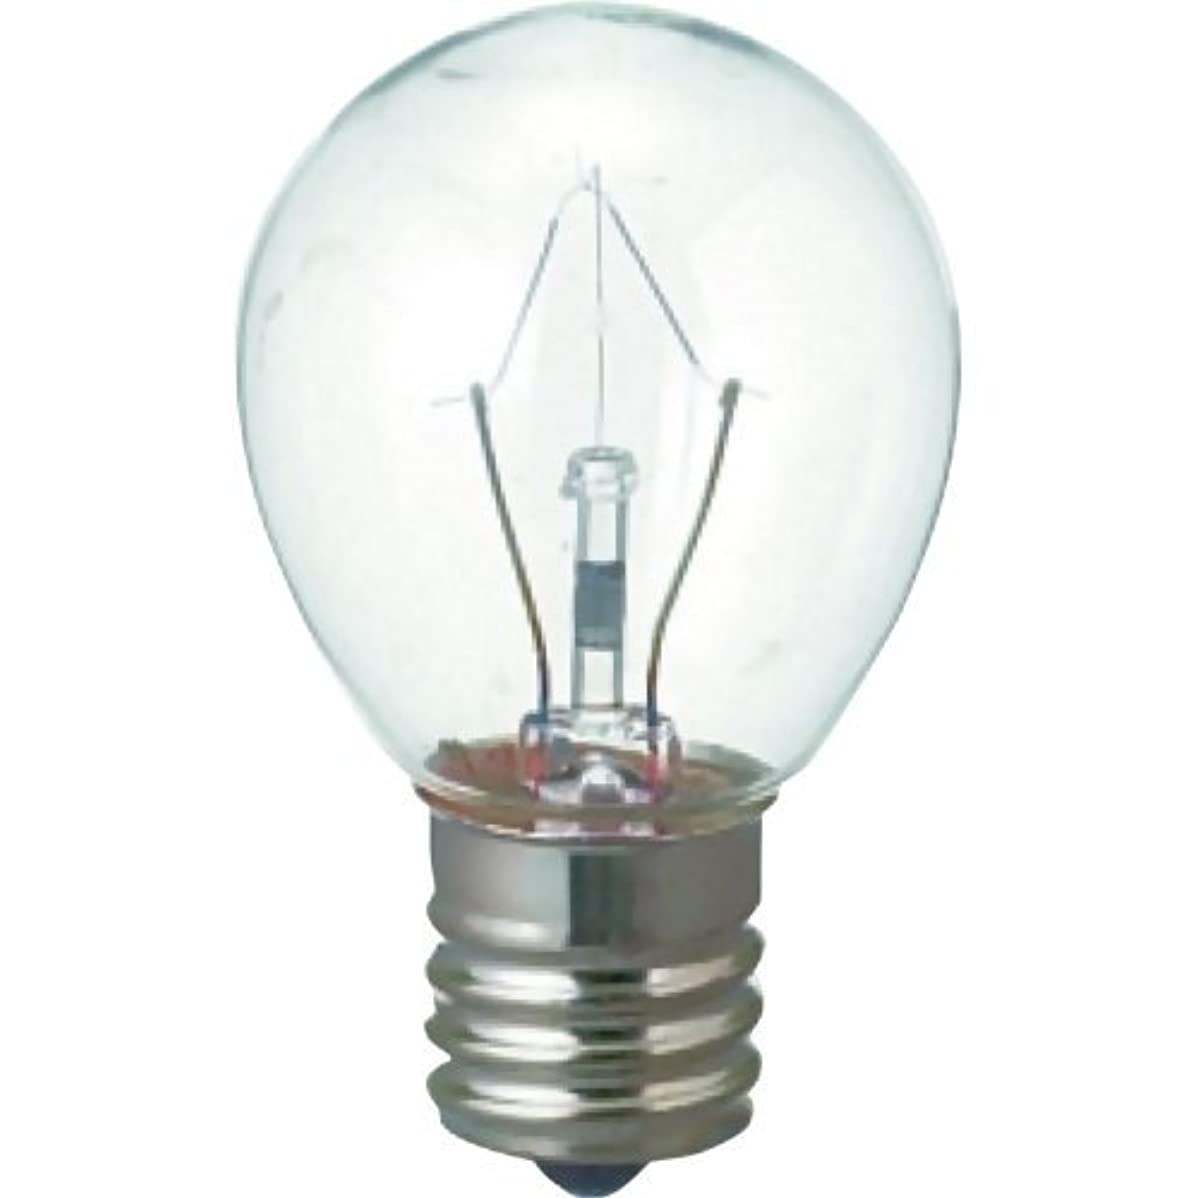 バージン余剰わがままアロマランプ電球 100V25W